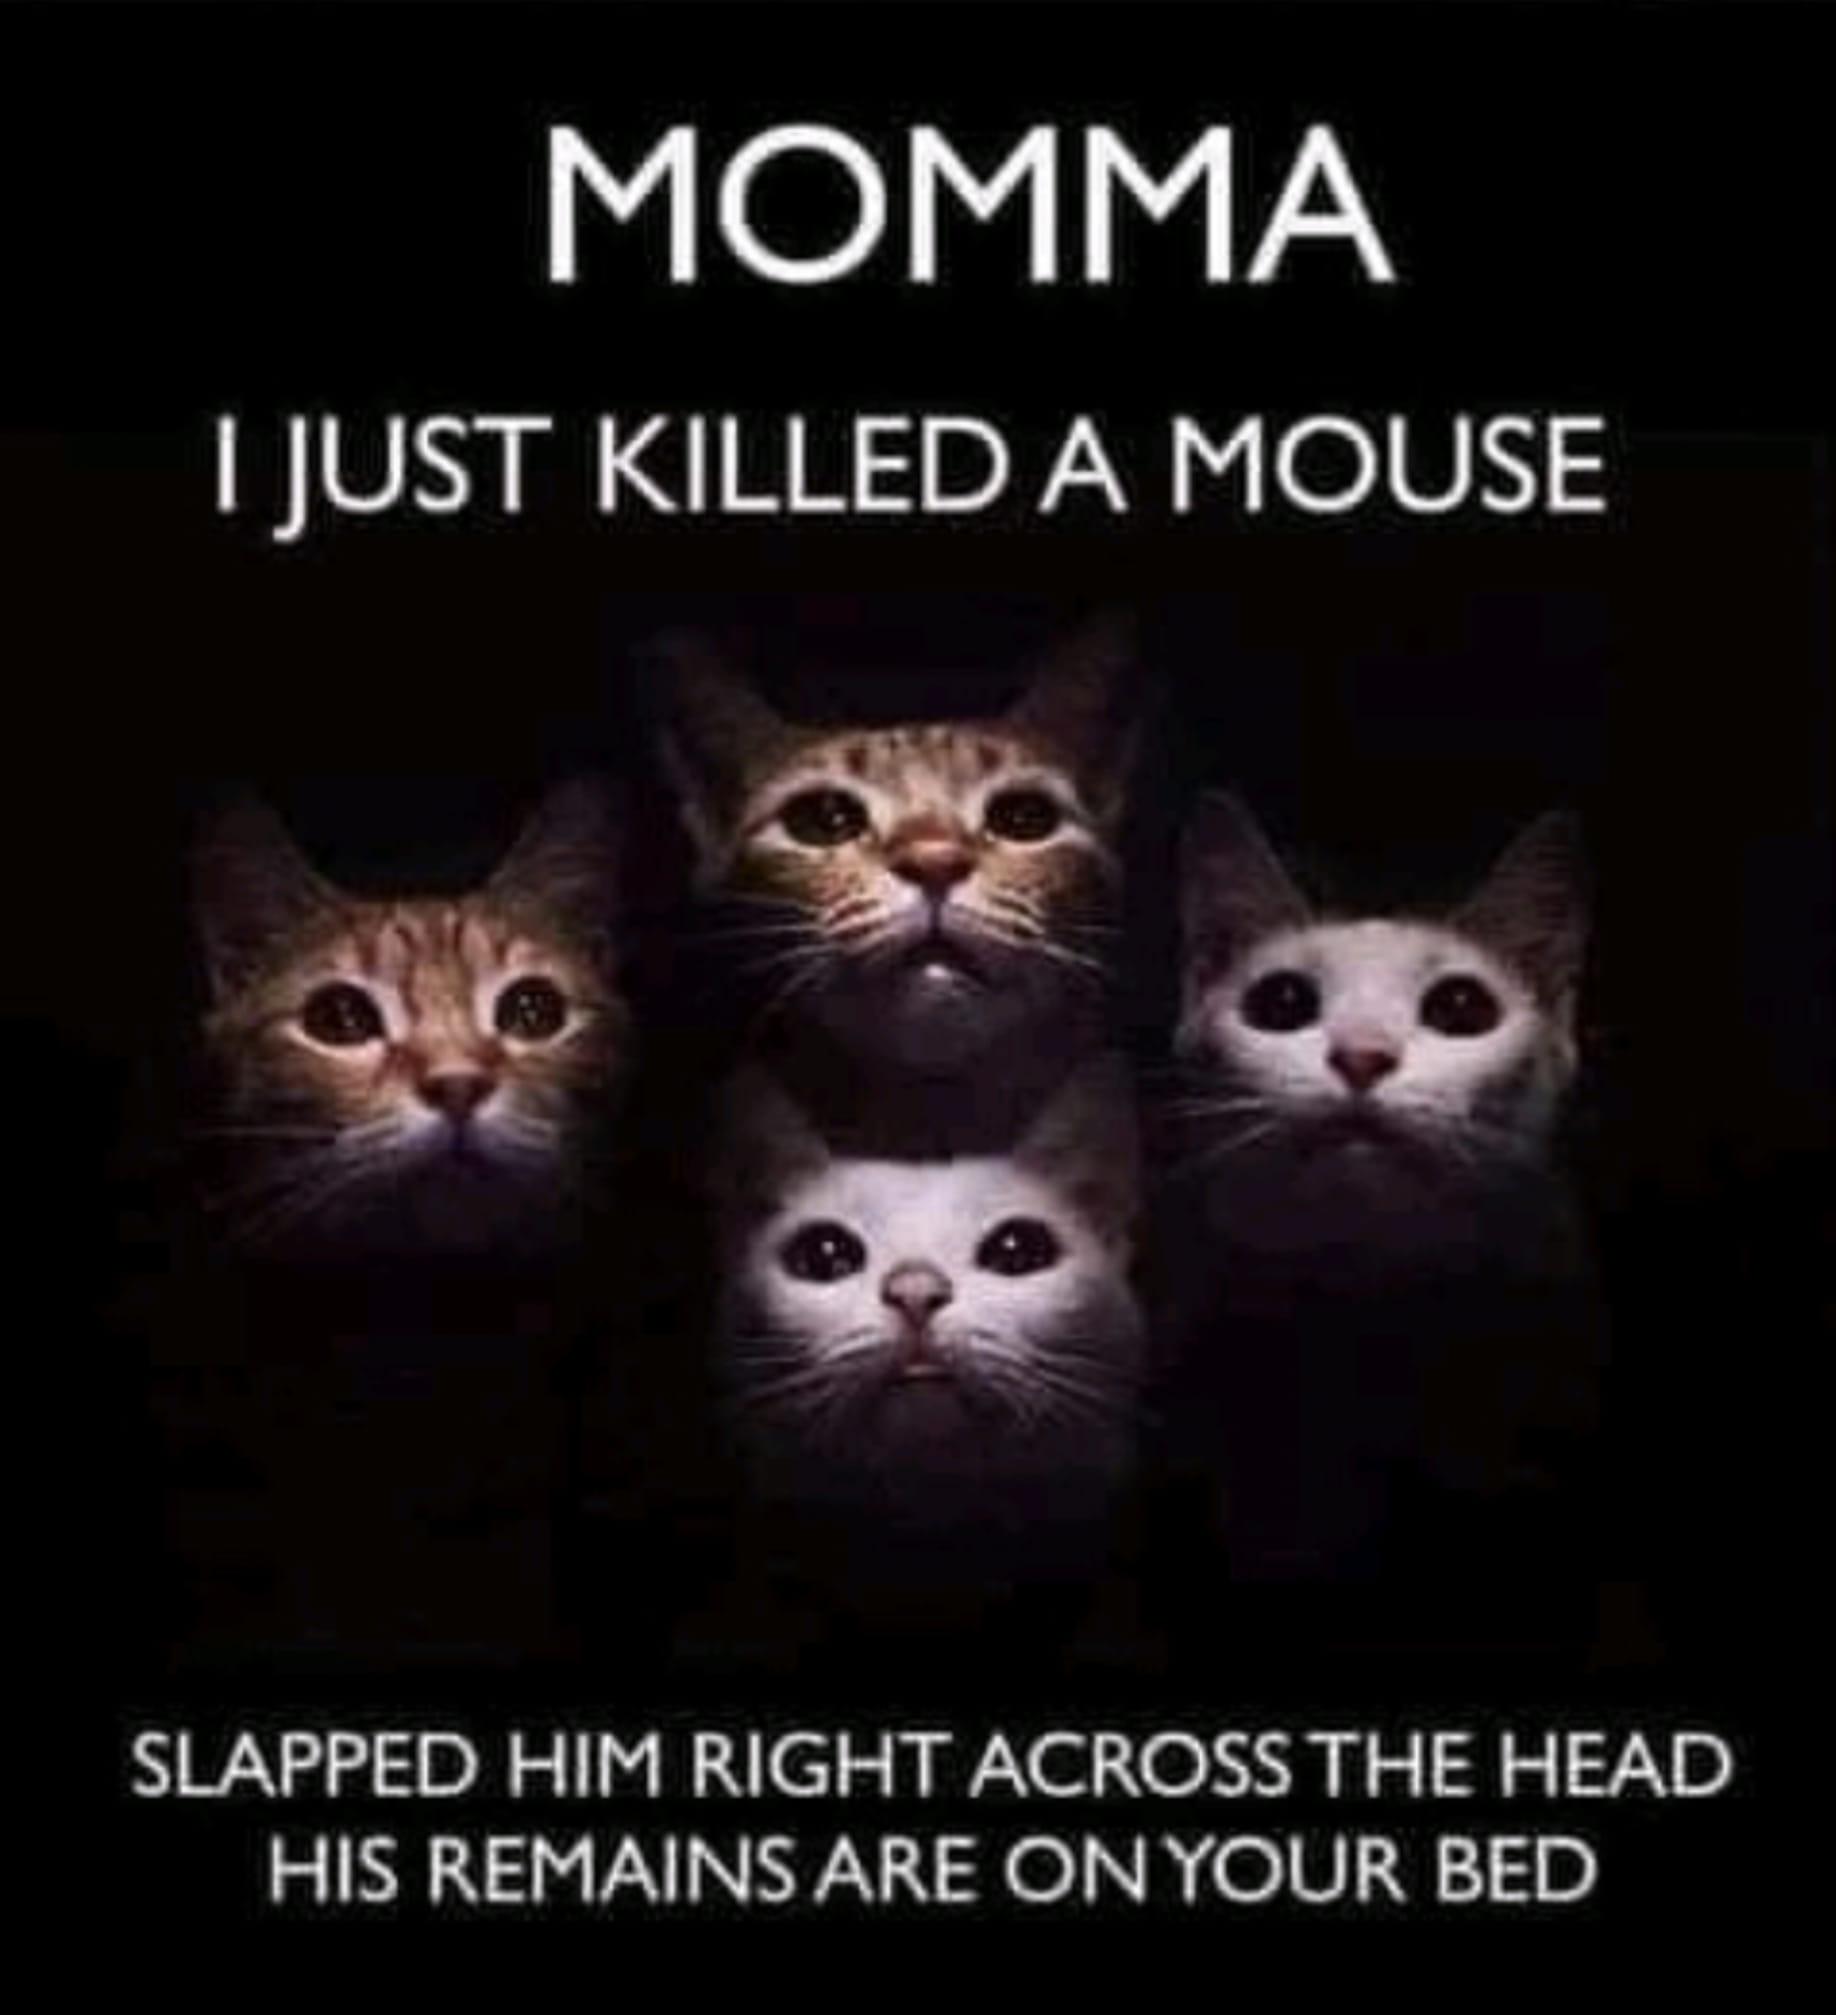 momma killed.jpg